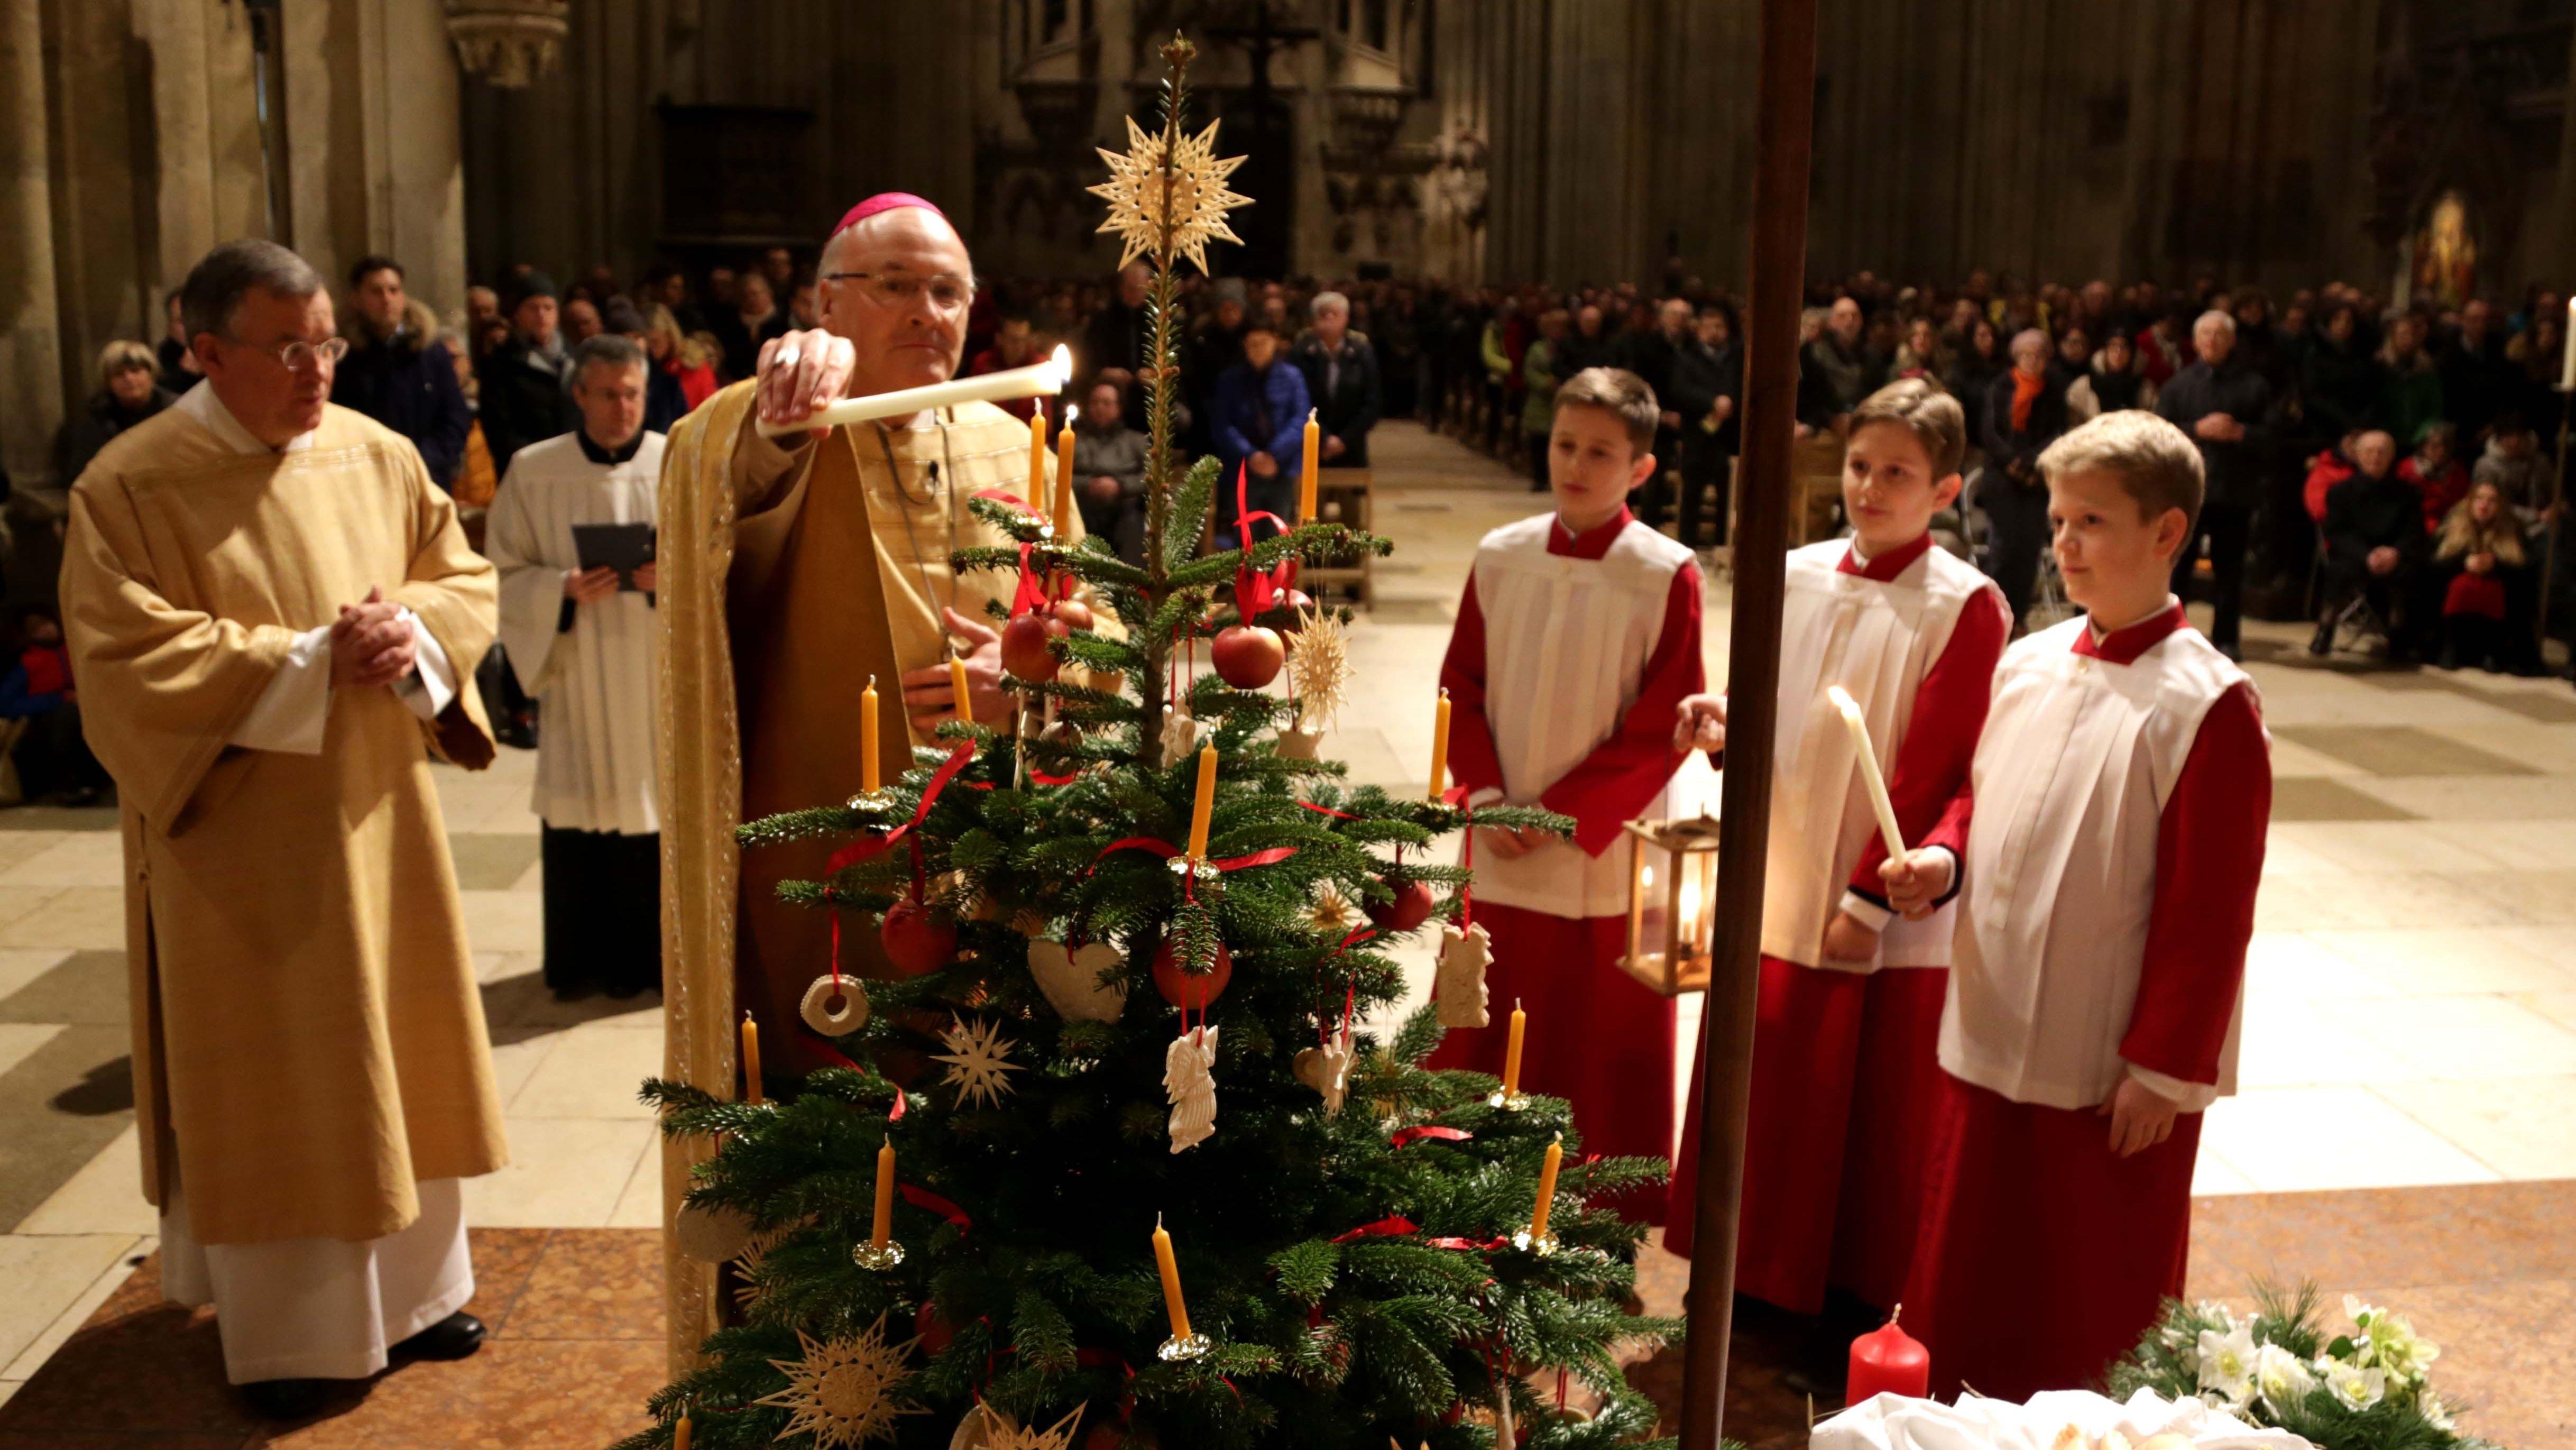 Bischof Voderholzer zündet die Kerzen am Weihnachtsbaum im Regensburger Dom an.